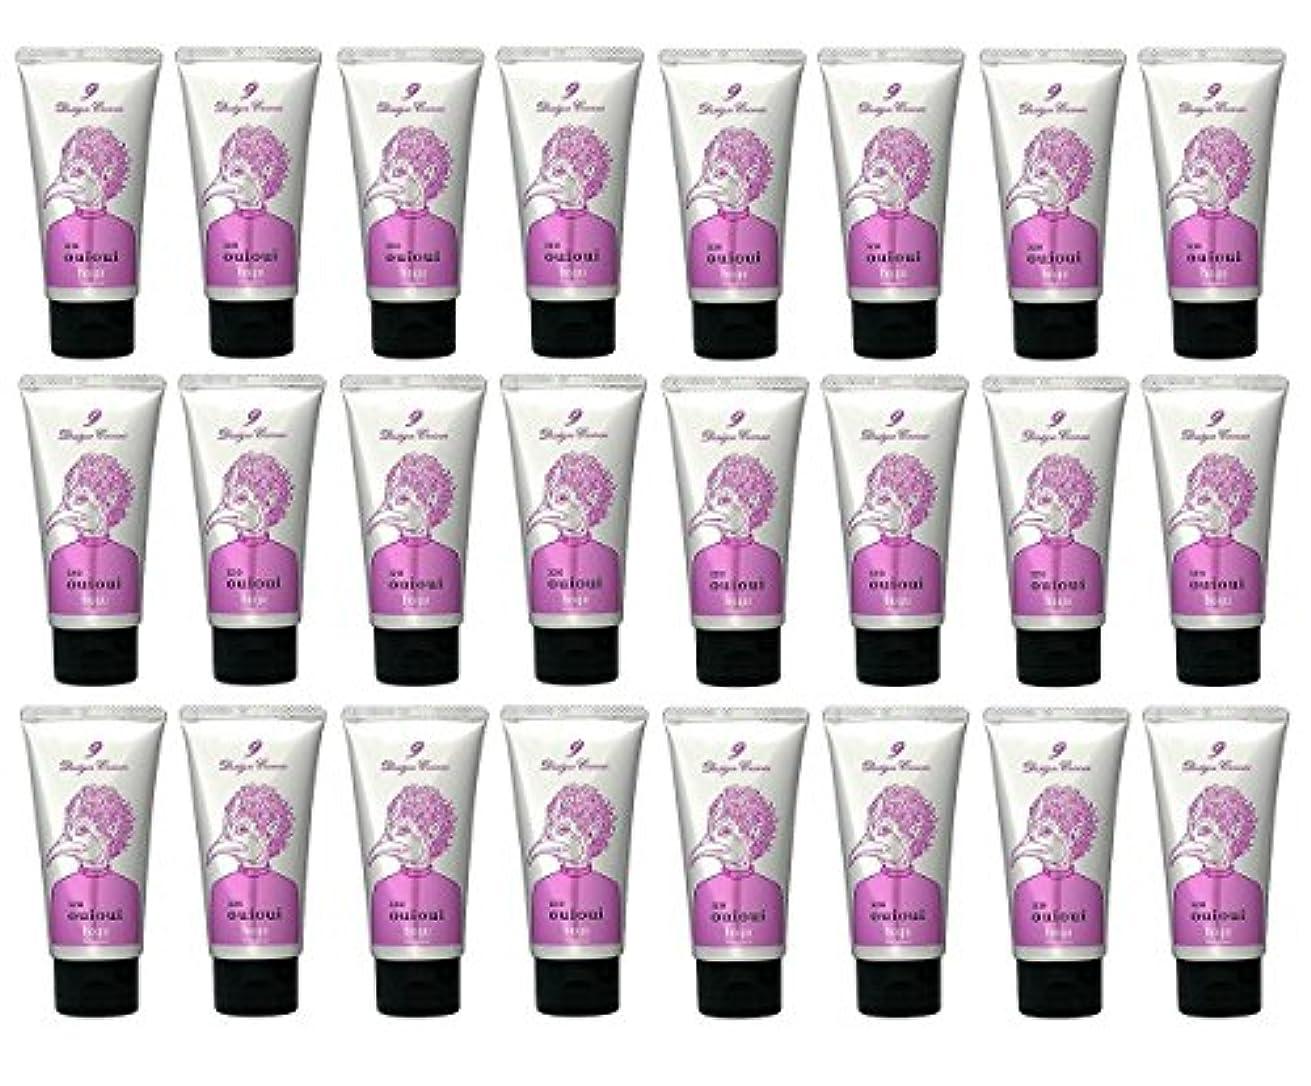 変換するシェア石鹸【24本セット】ホーユー ミニーレ ウイウイ デザイン クリーム 9 80g